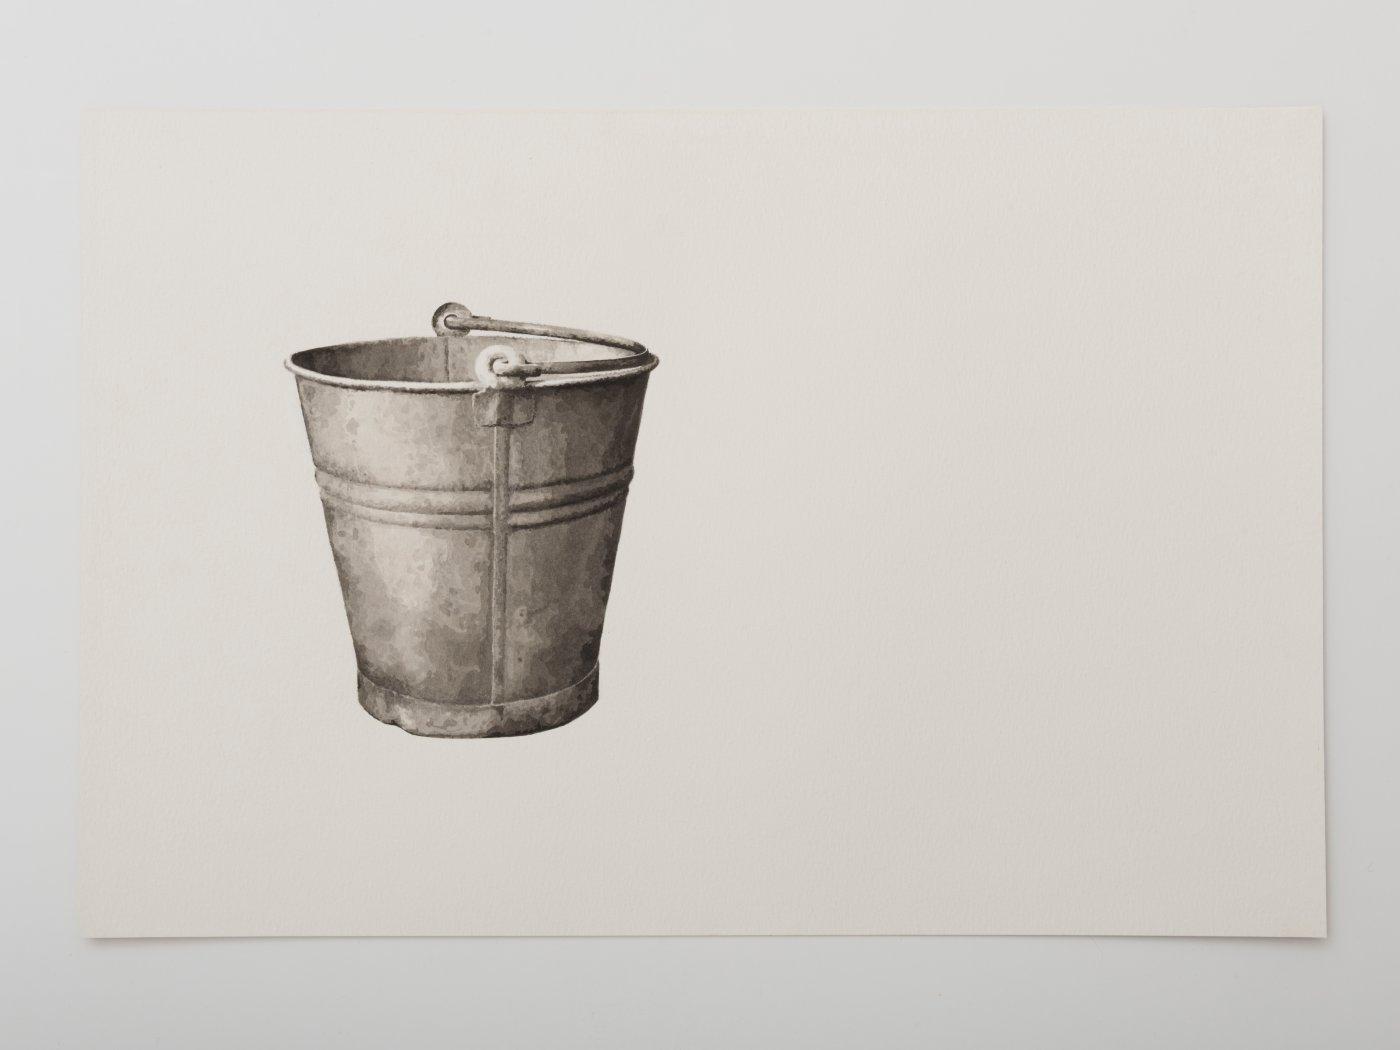 Still thinking 1 (Bucket II)